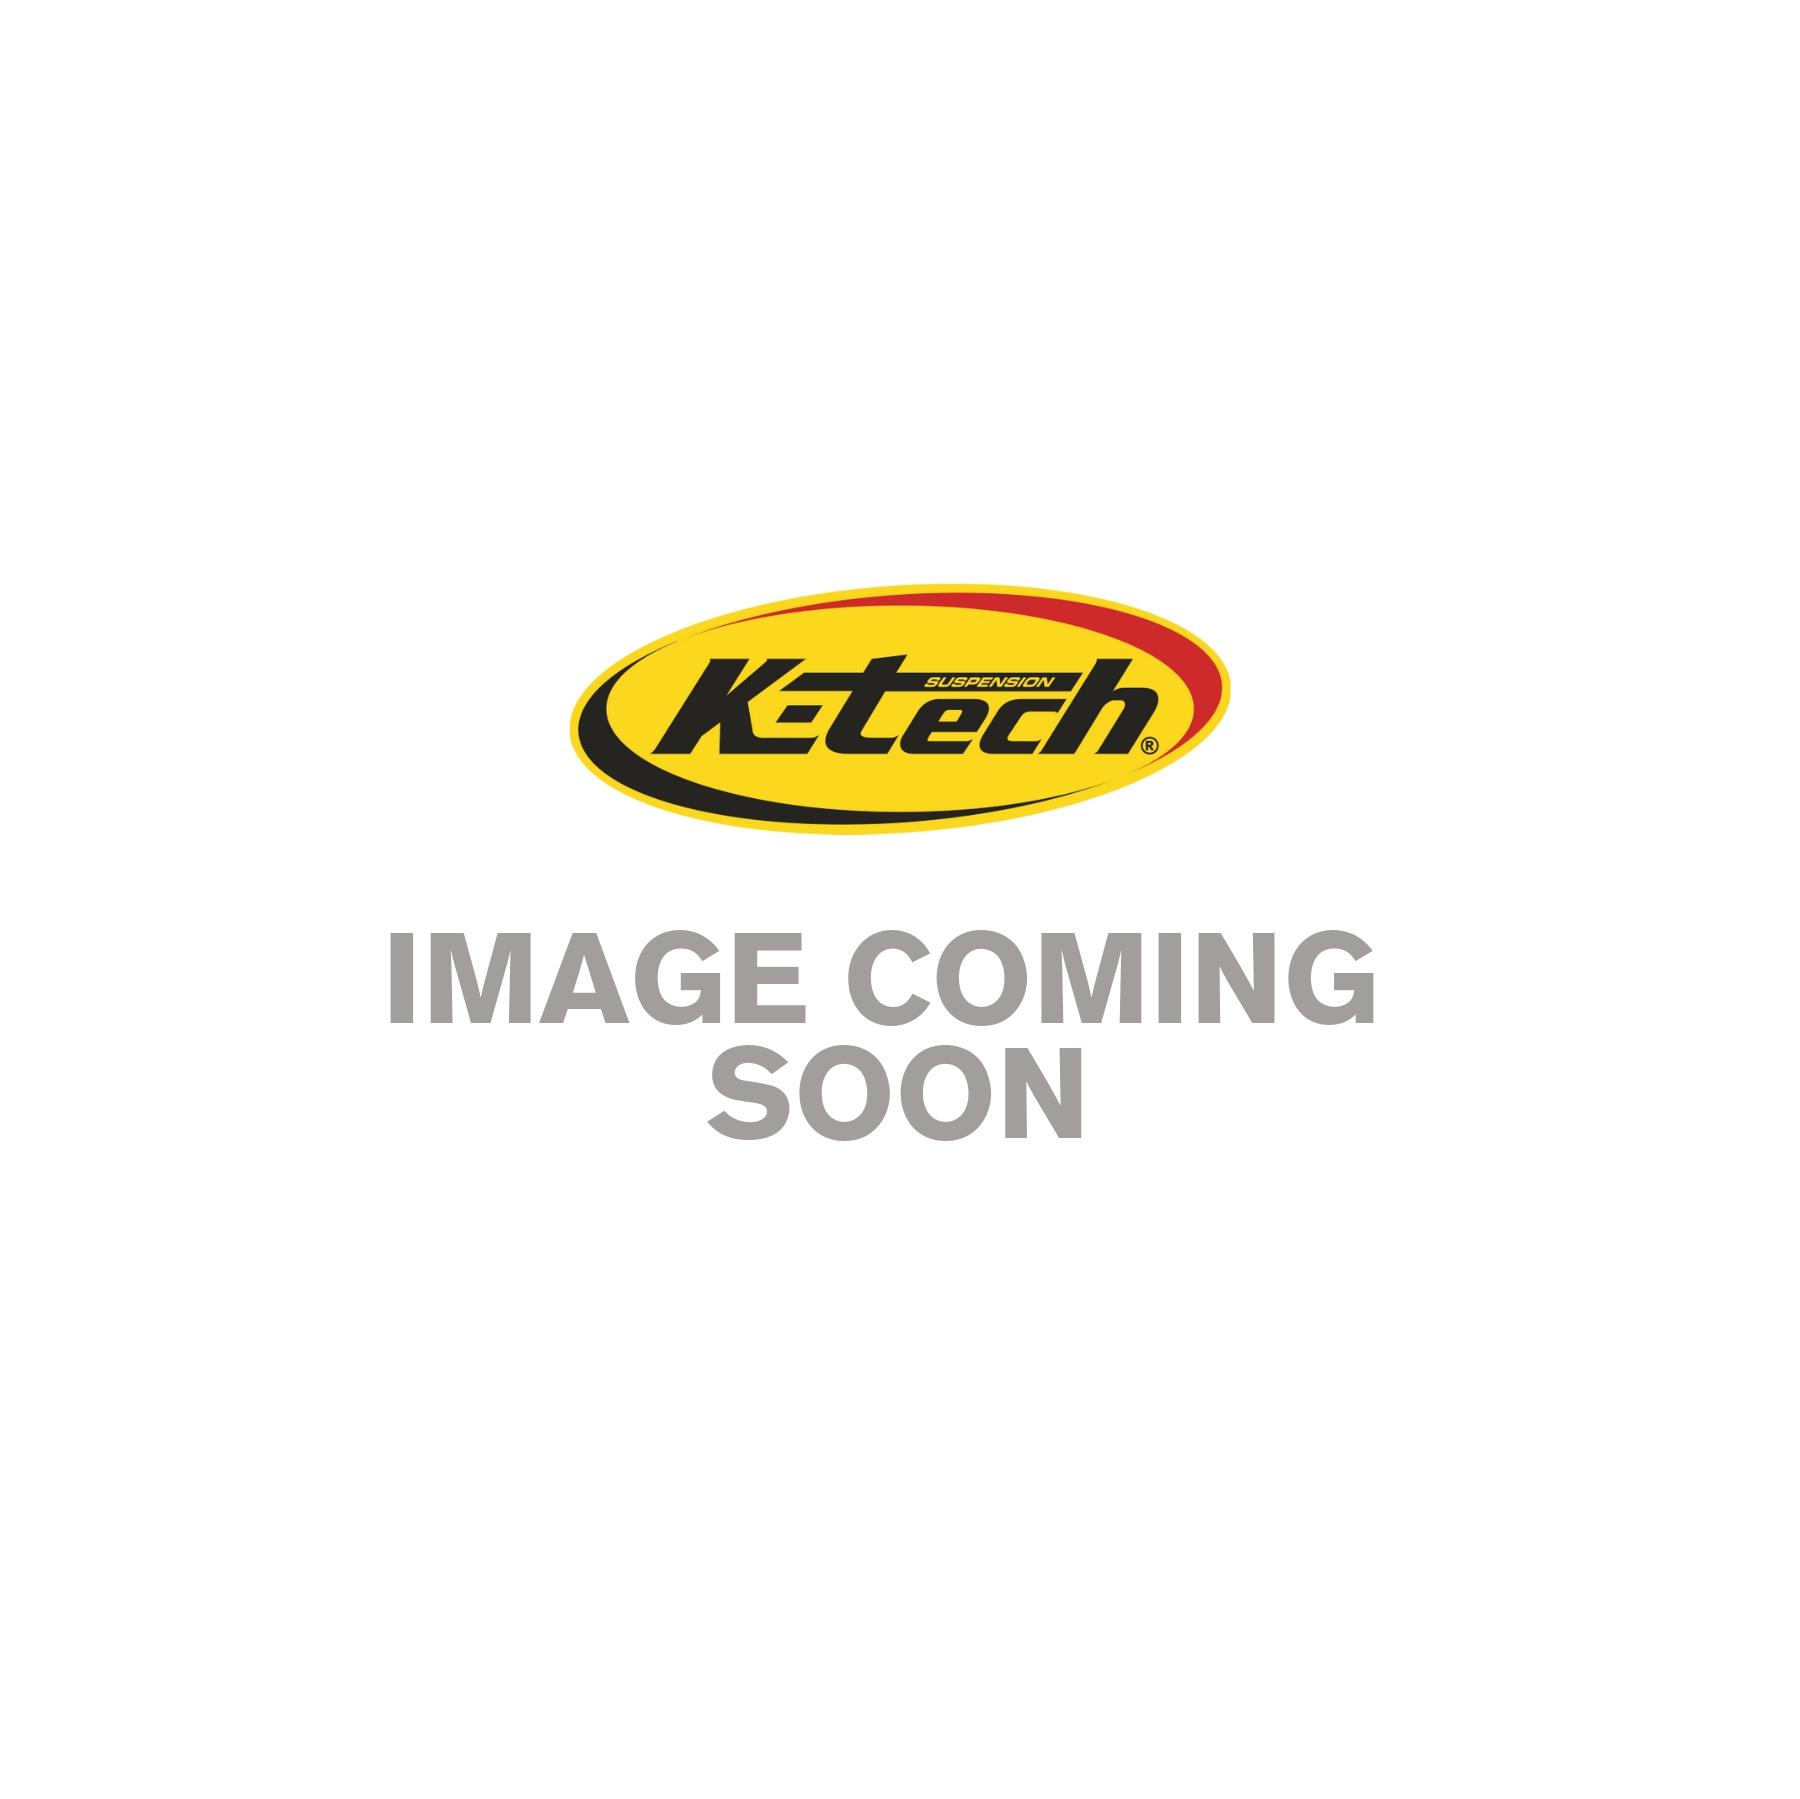 K-Tech Beanie